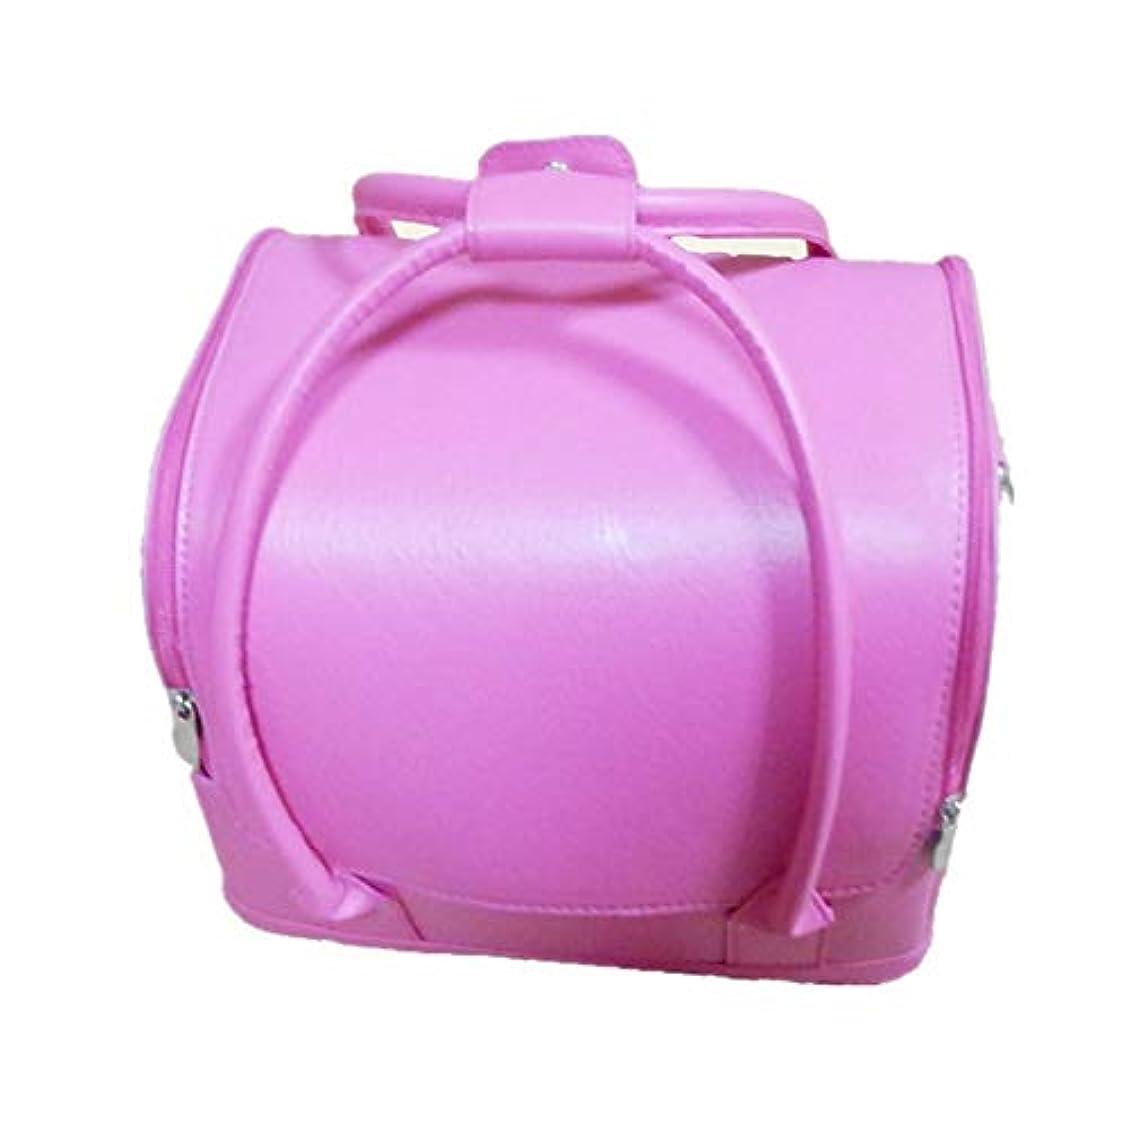 化粧オーガナイザーバッグ 美しいメイクアップのための純粋な色ポータブル化粧品袋と女性の女性の旅行とジッパーで毎日のストレージ 化粧品ケース